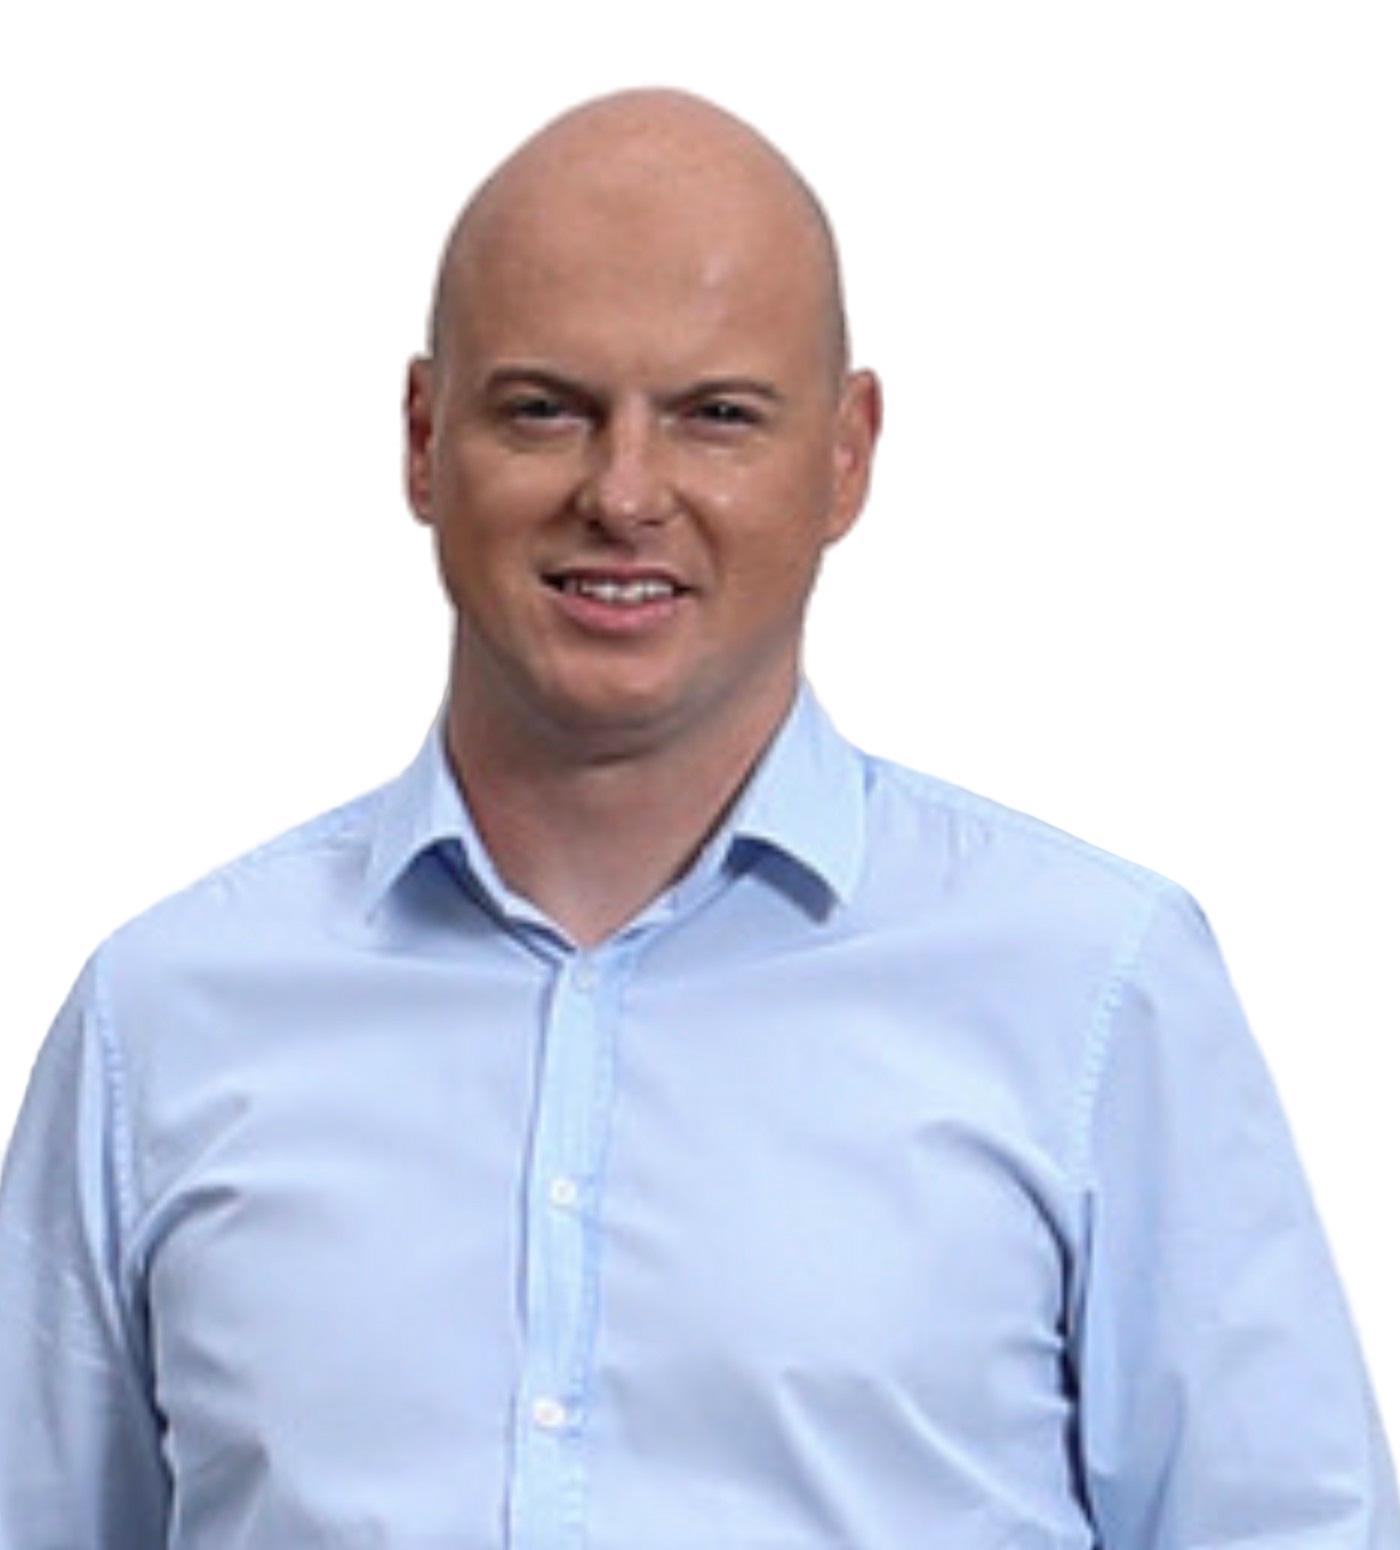 Zdeněk Pekárik